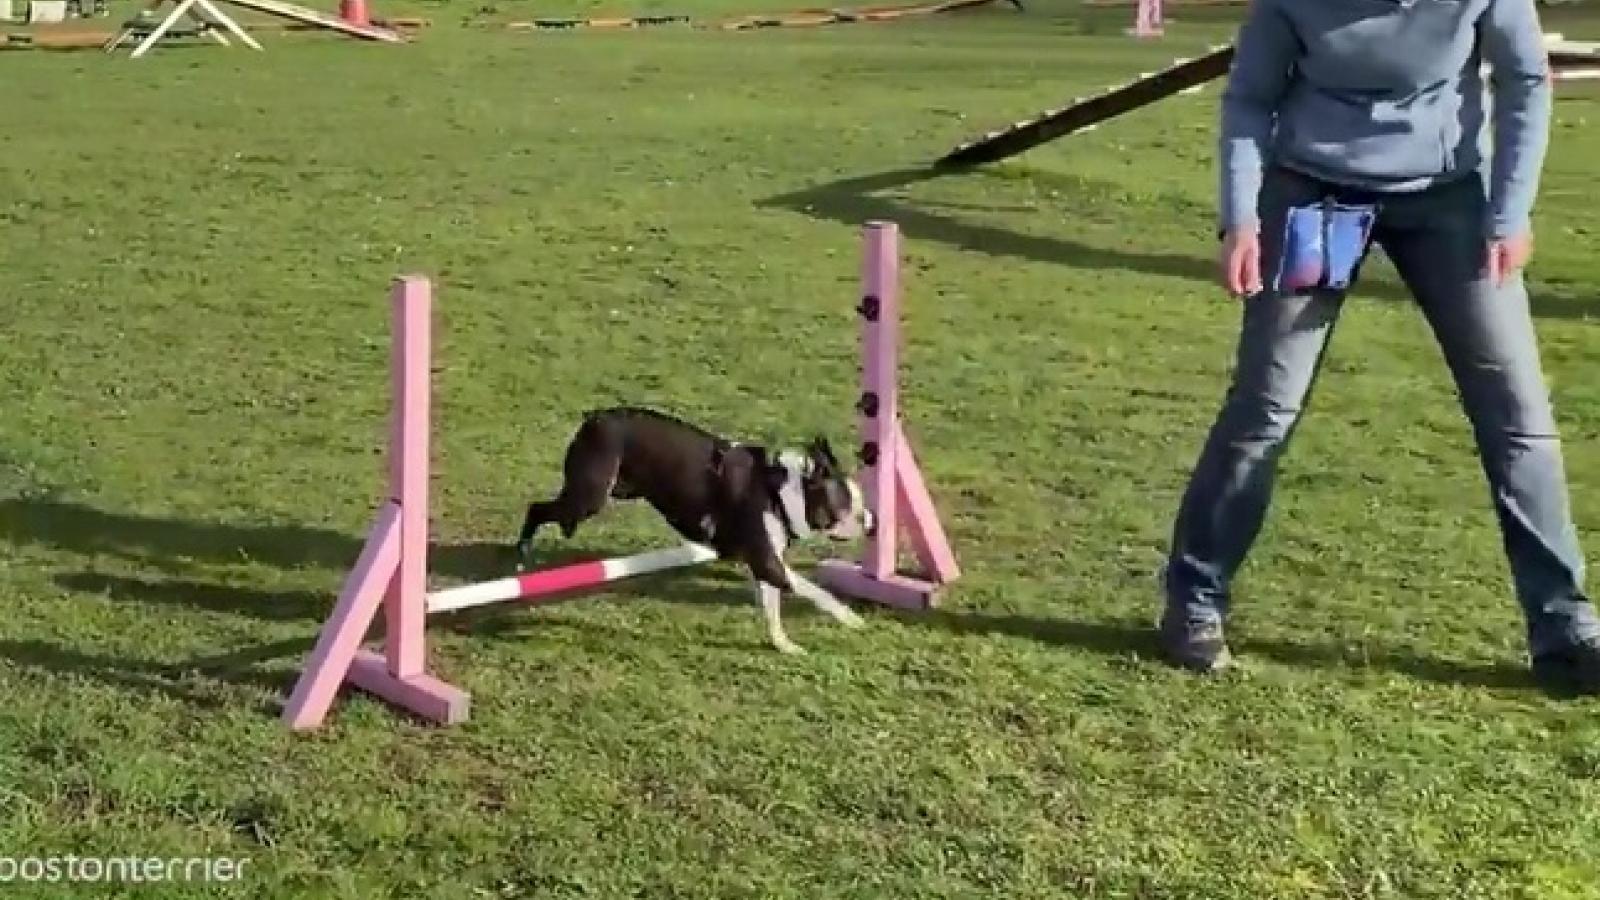 Chú chó mù Boston Terrier vẫn thi đấu thành công trong cuộc thi vượt chướng ngại vật